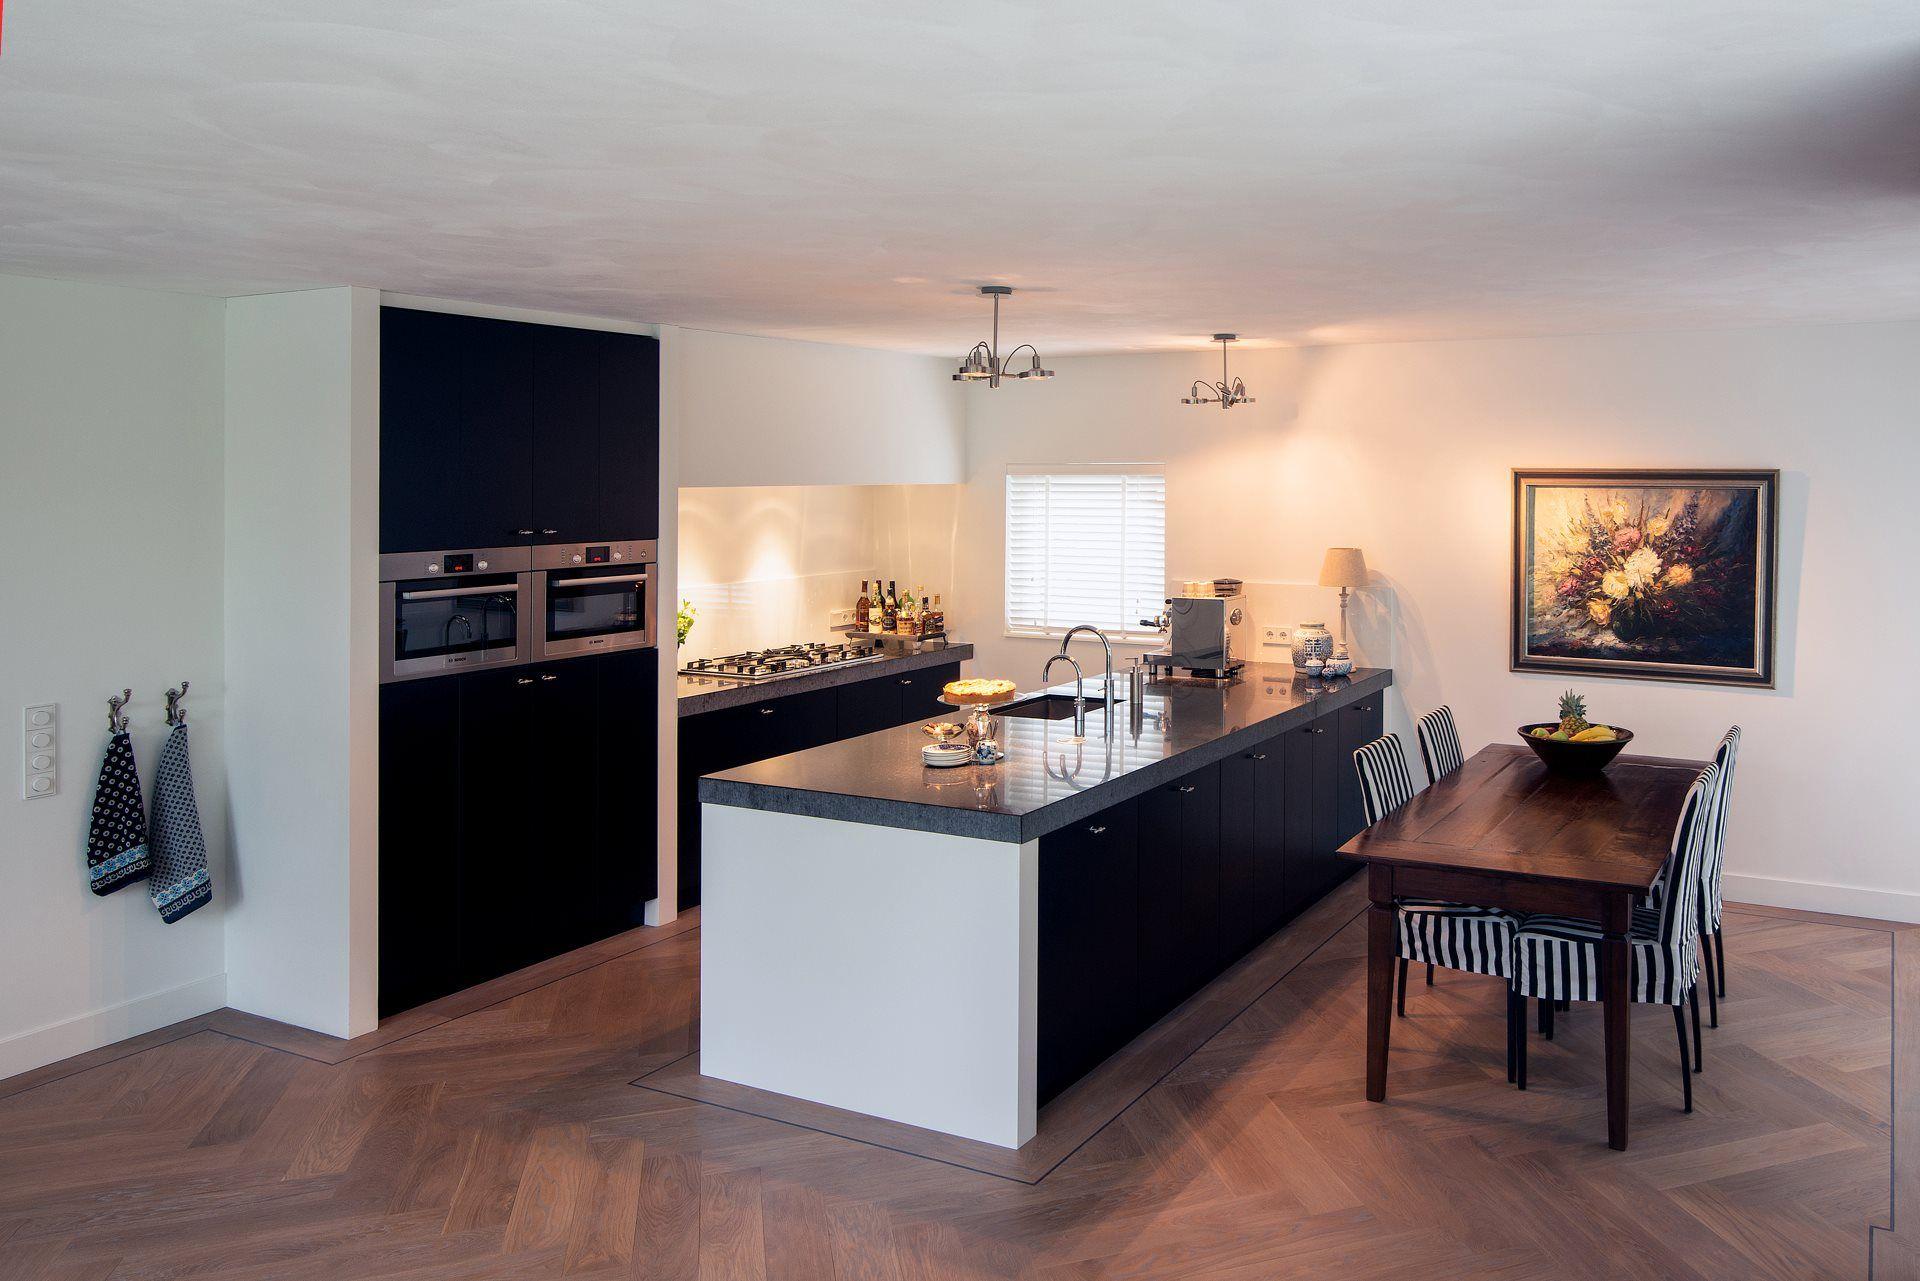 Van Galen Keukens : Van galen keukens elegant keukens nunspeet inspirerend koop keuken